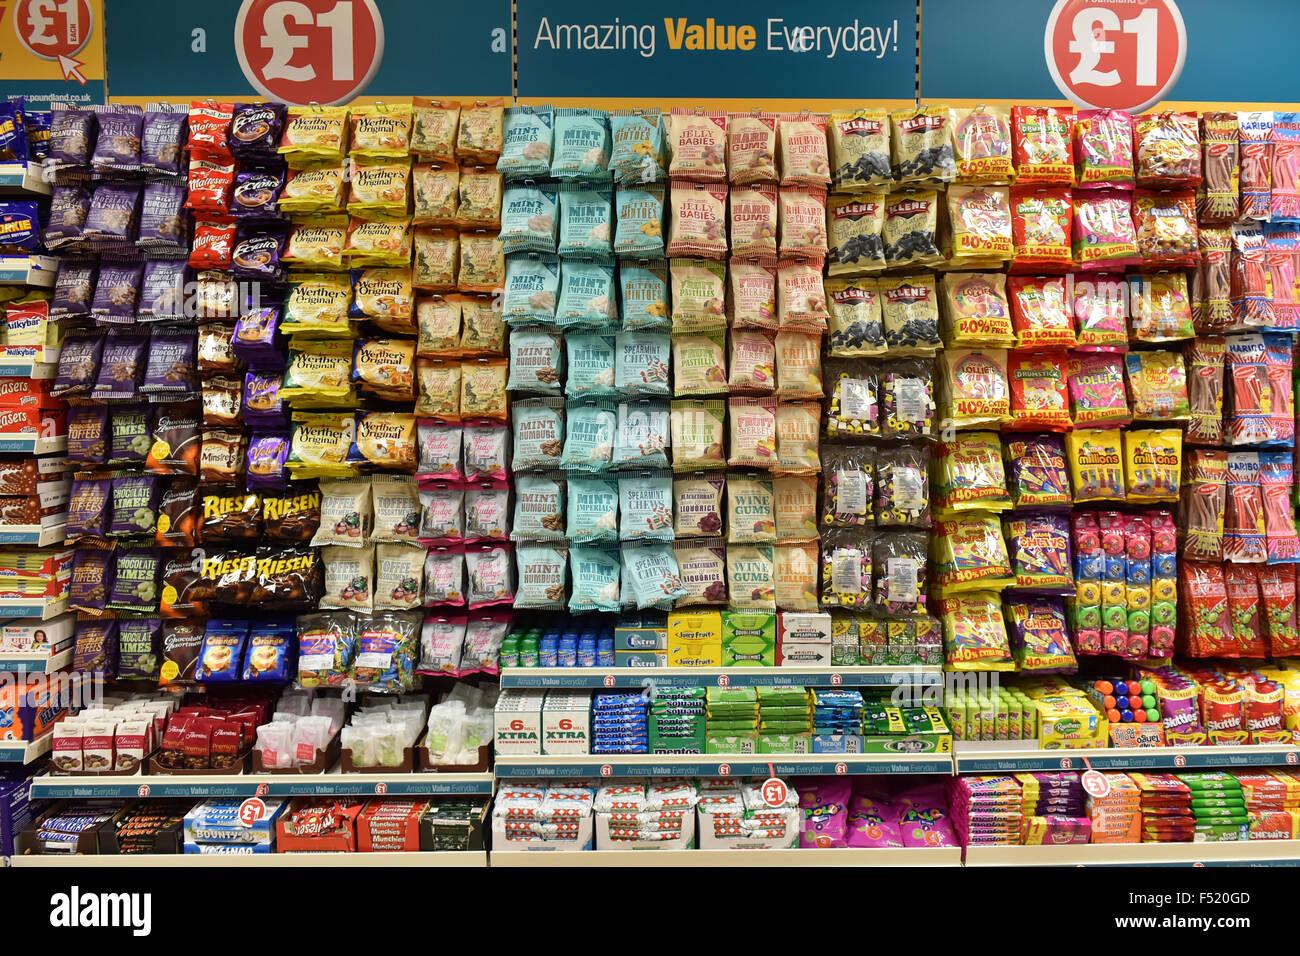 Visualizzazione di economici caramelle zuccherine in una libbra shop, REGNO UNITO Immagini Stock